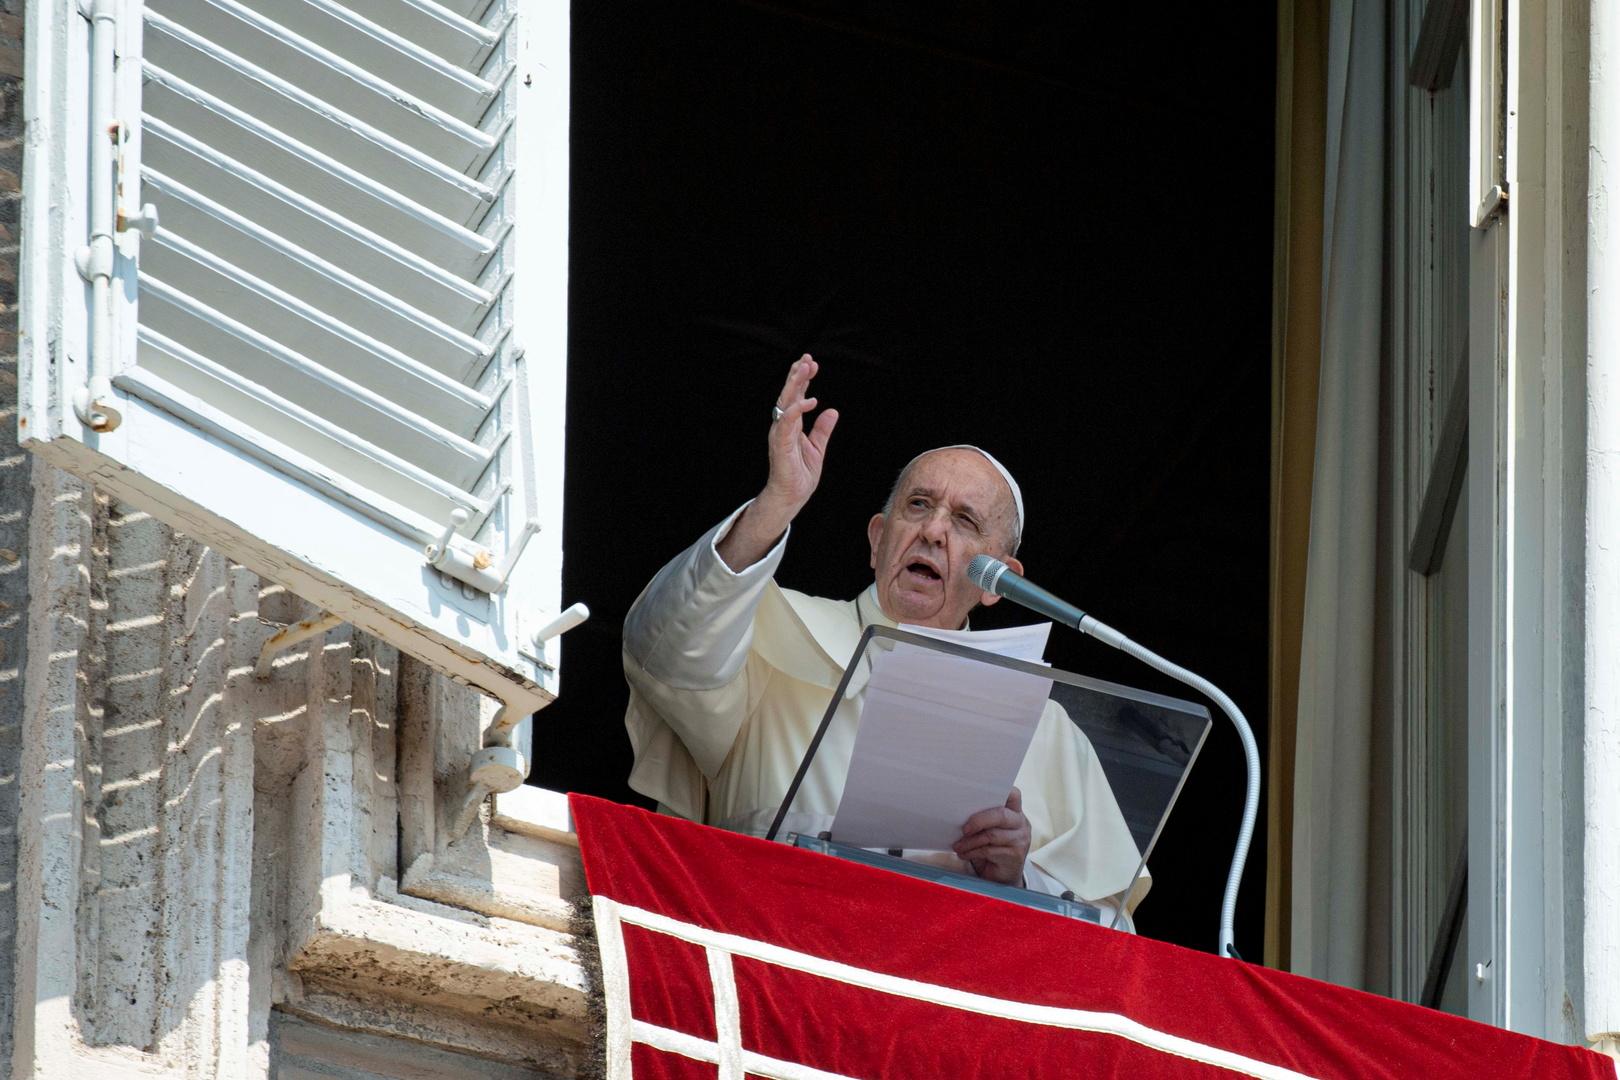 البابا فرنسيس يطلب من مسيحيي العالم الصلاة والصوم من أجل أفغانستان